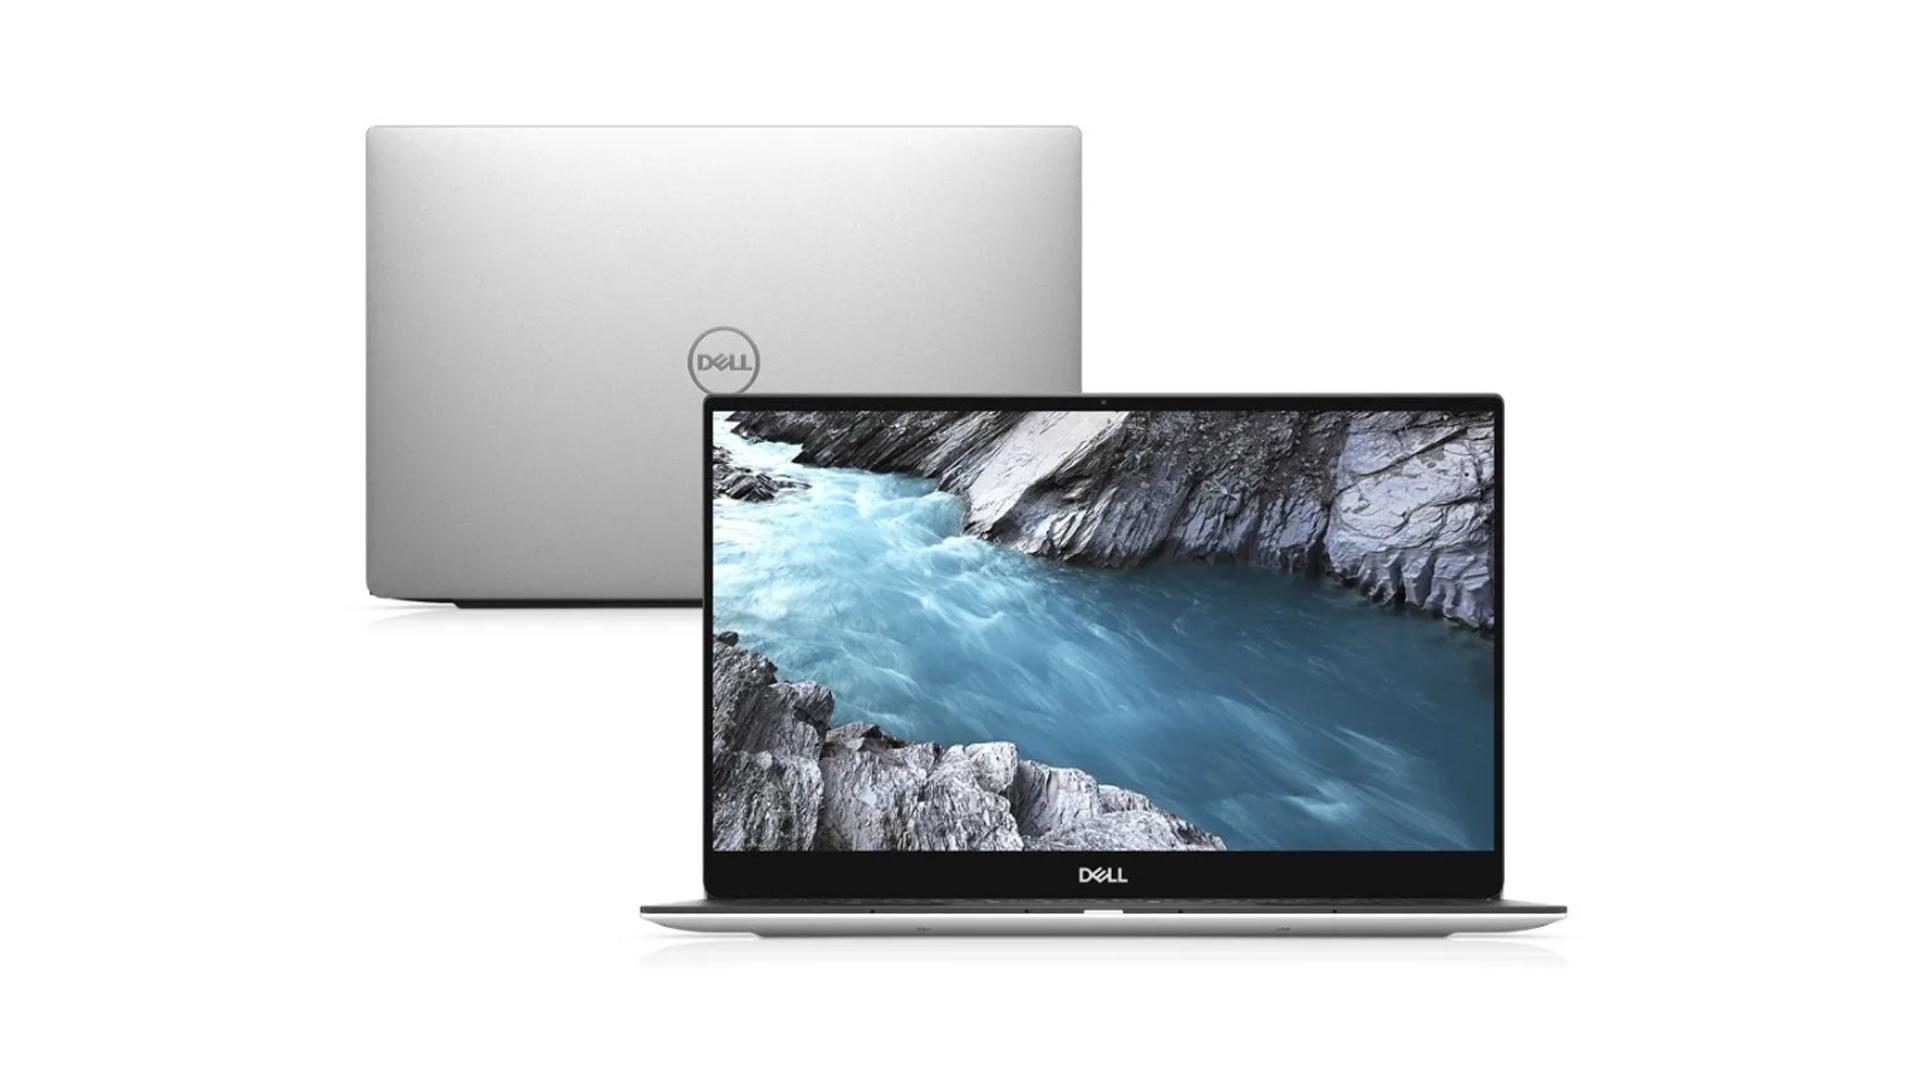 Dell tem modelos de notebooks básicos, gamer e de alta performance. (Foto: Divulgação/Dell)